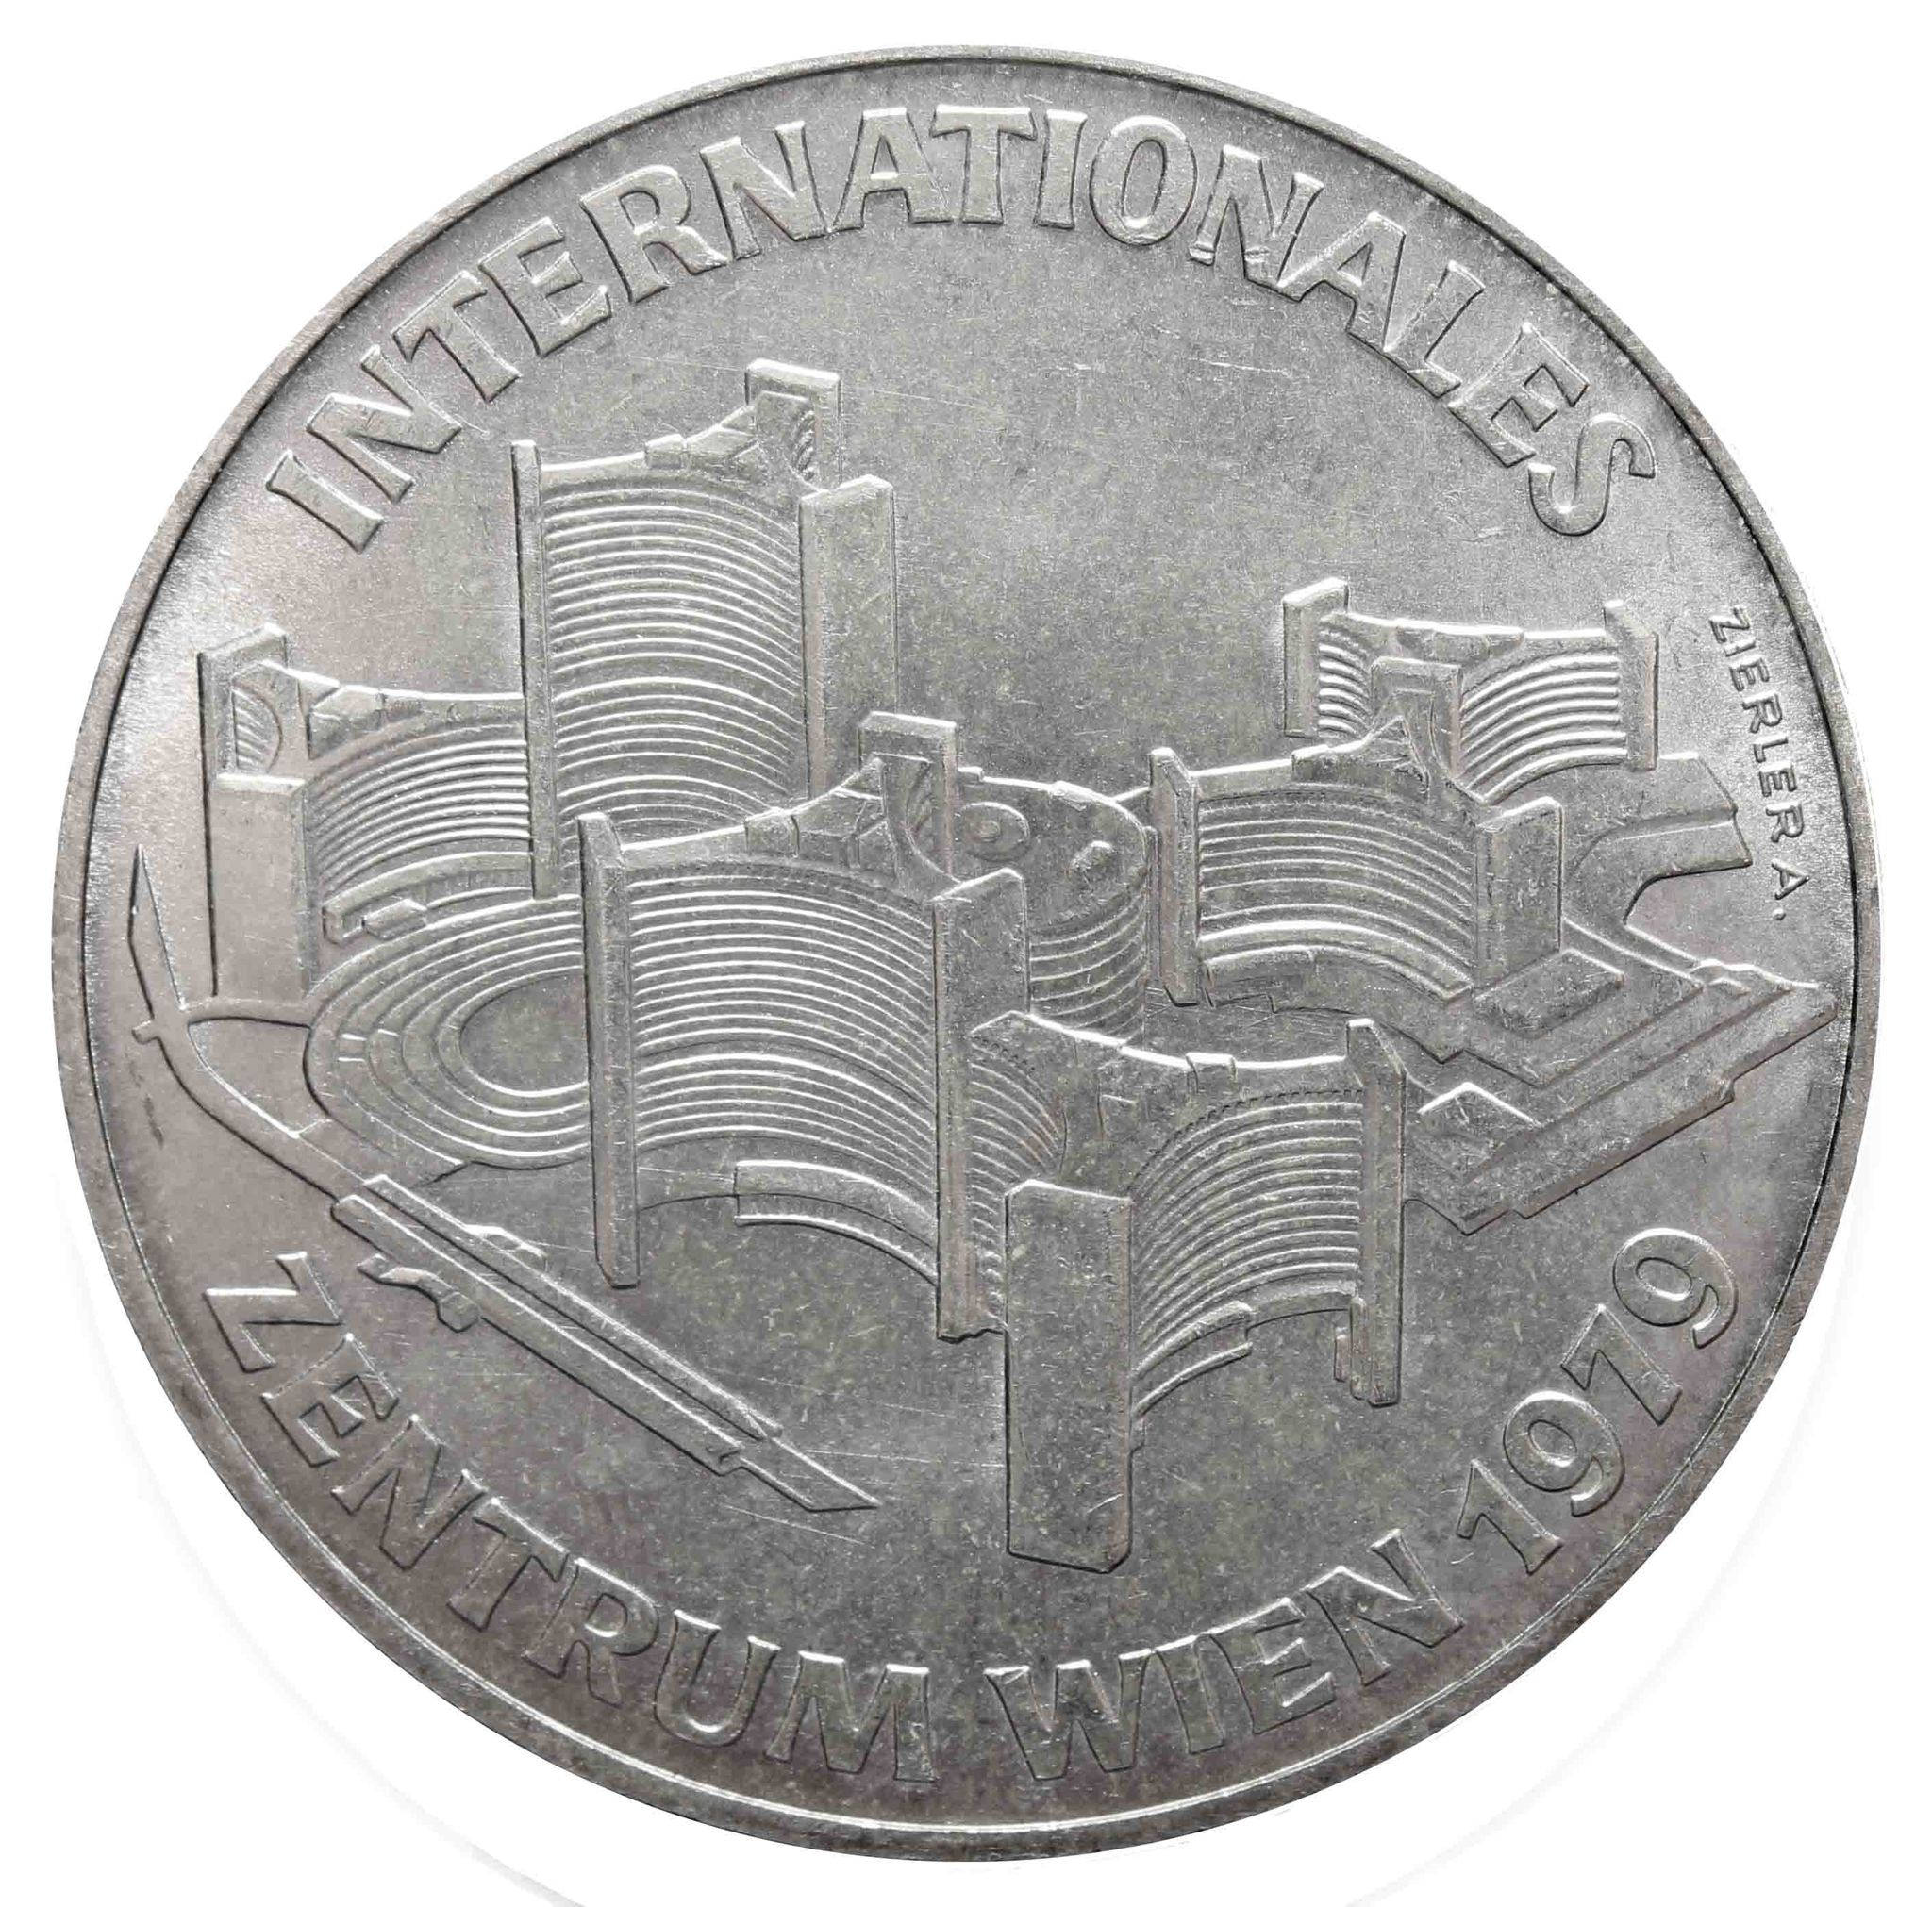 100 шиллингов. Венский международный центр. Австрия. 1979 год. Серебро. AU